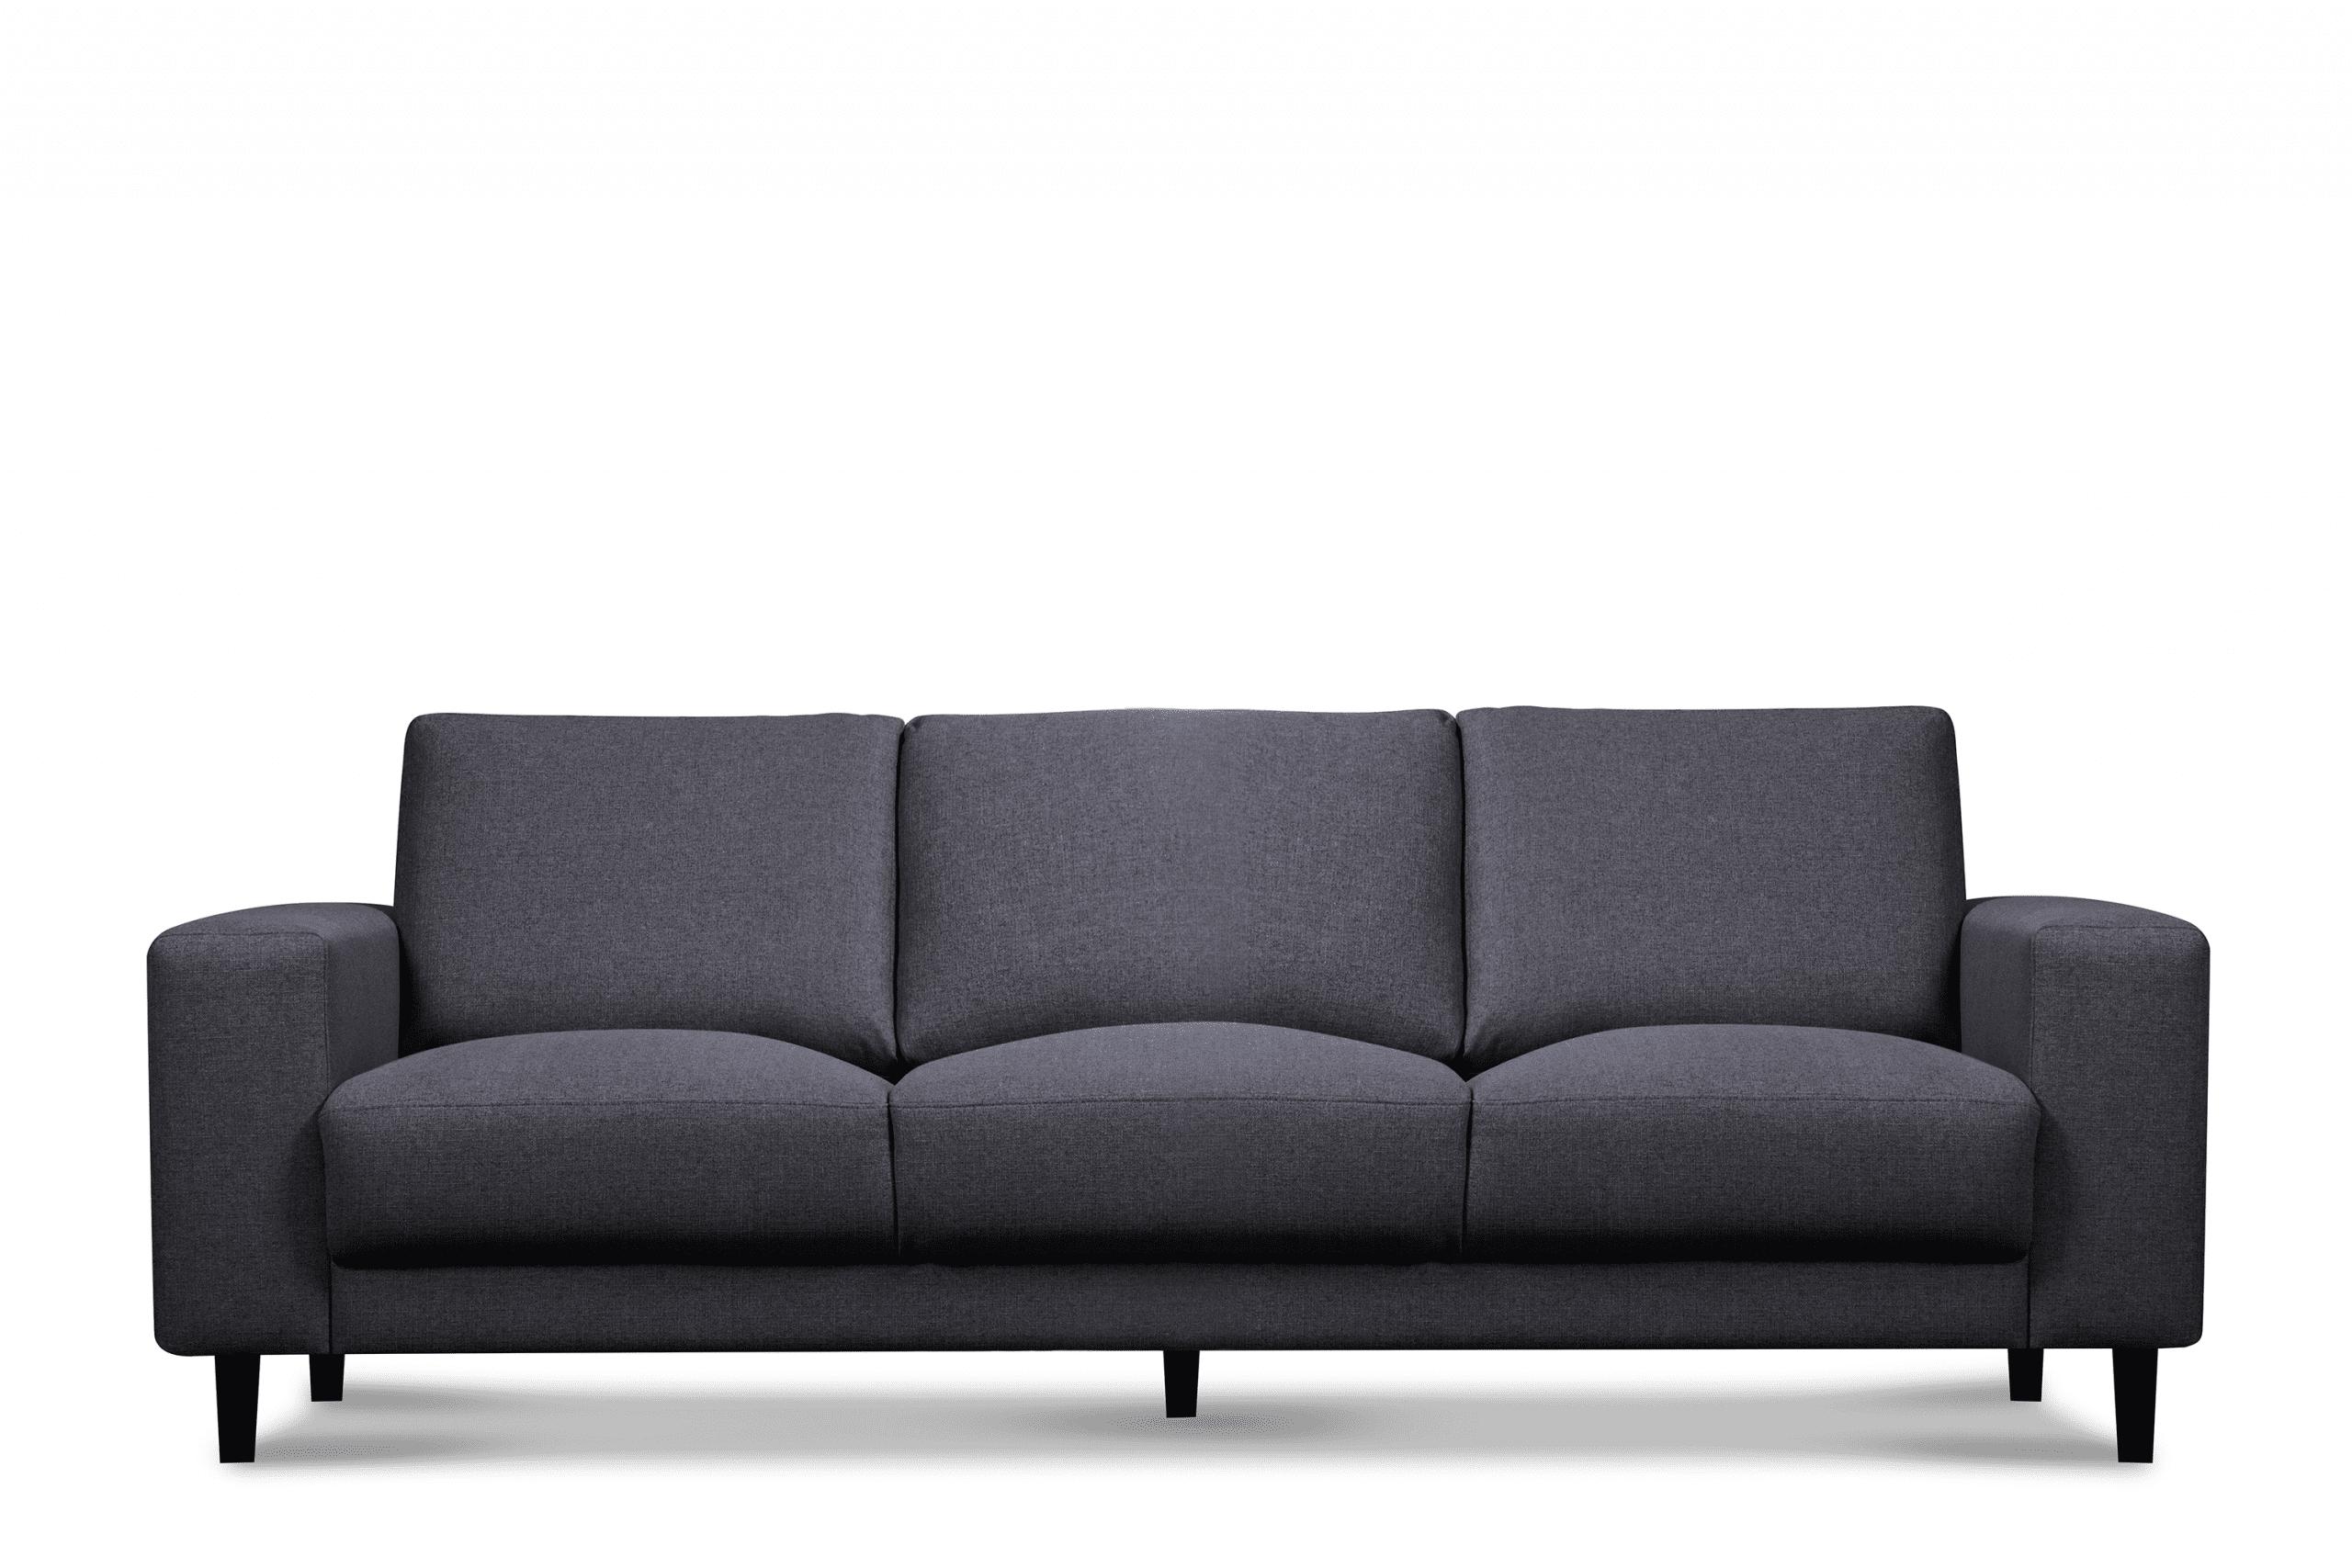 Nowoczesna sofa trzyosobowa na nóżkach szara